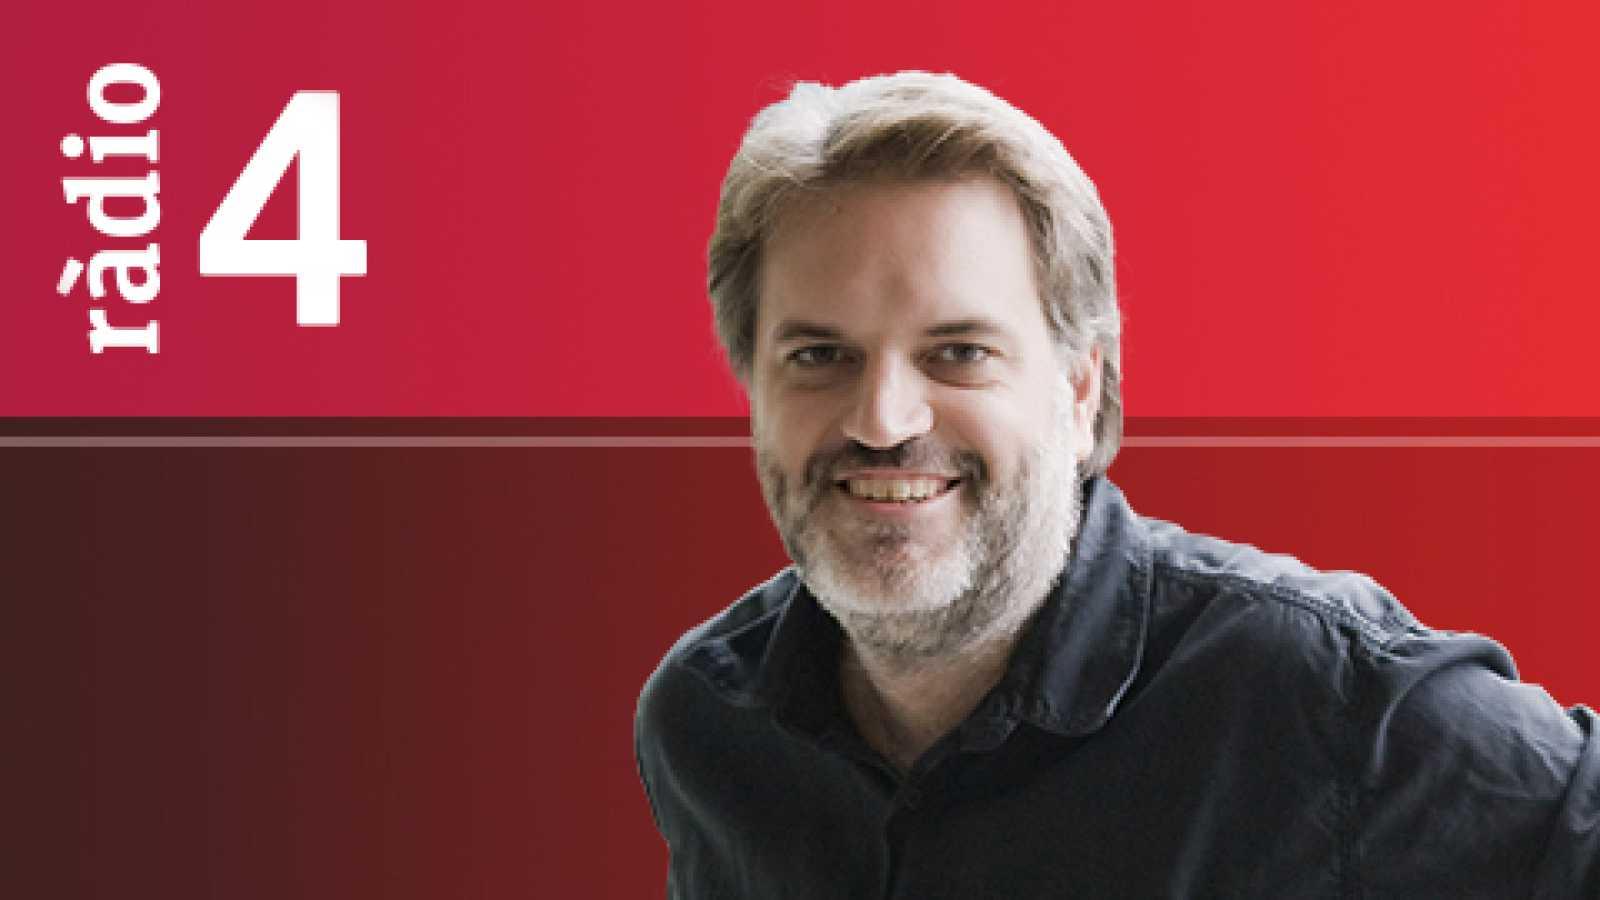 """El matí a Ràdio 4 - Entrevista amb Ariadna Herrero """"Seràs un dels nostres"""""""